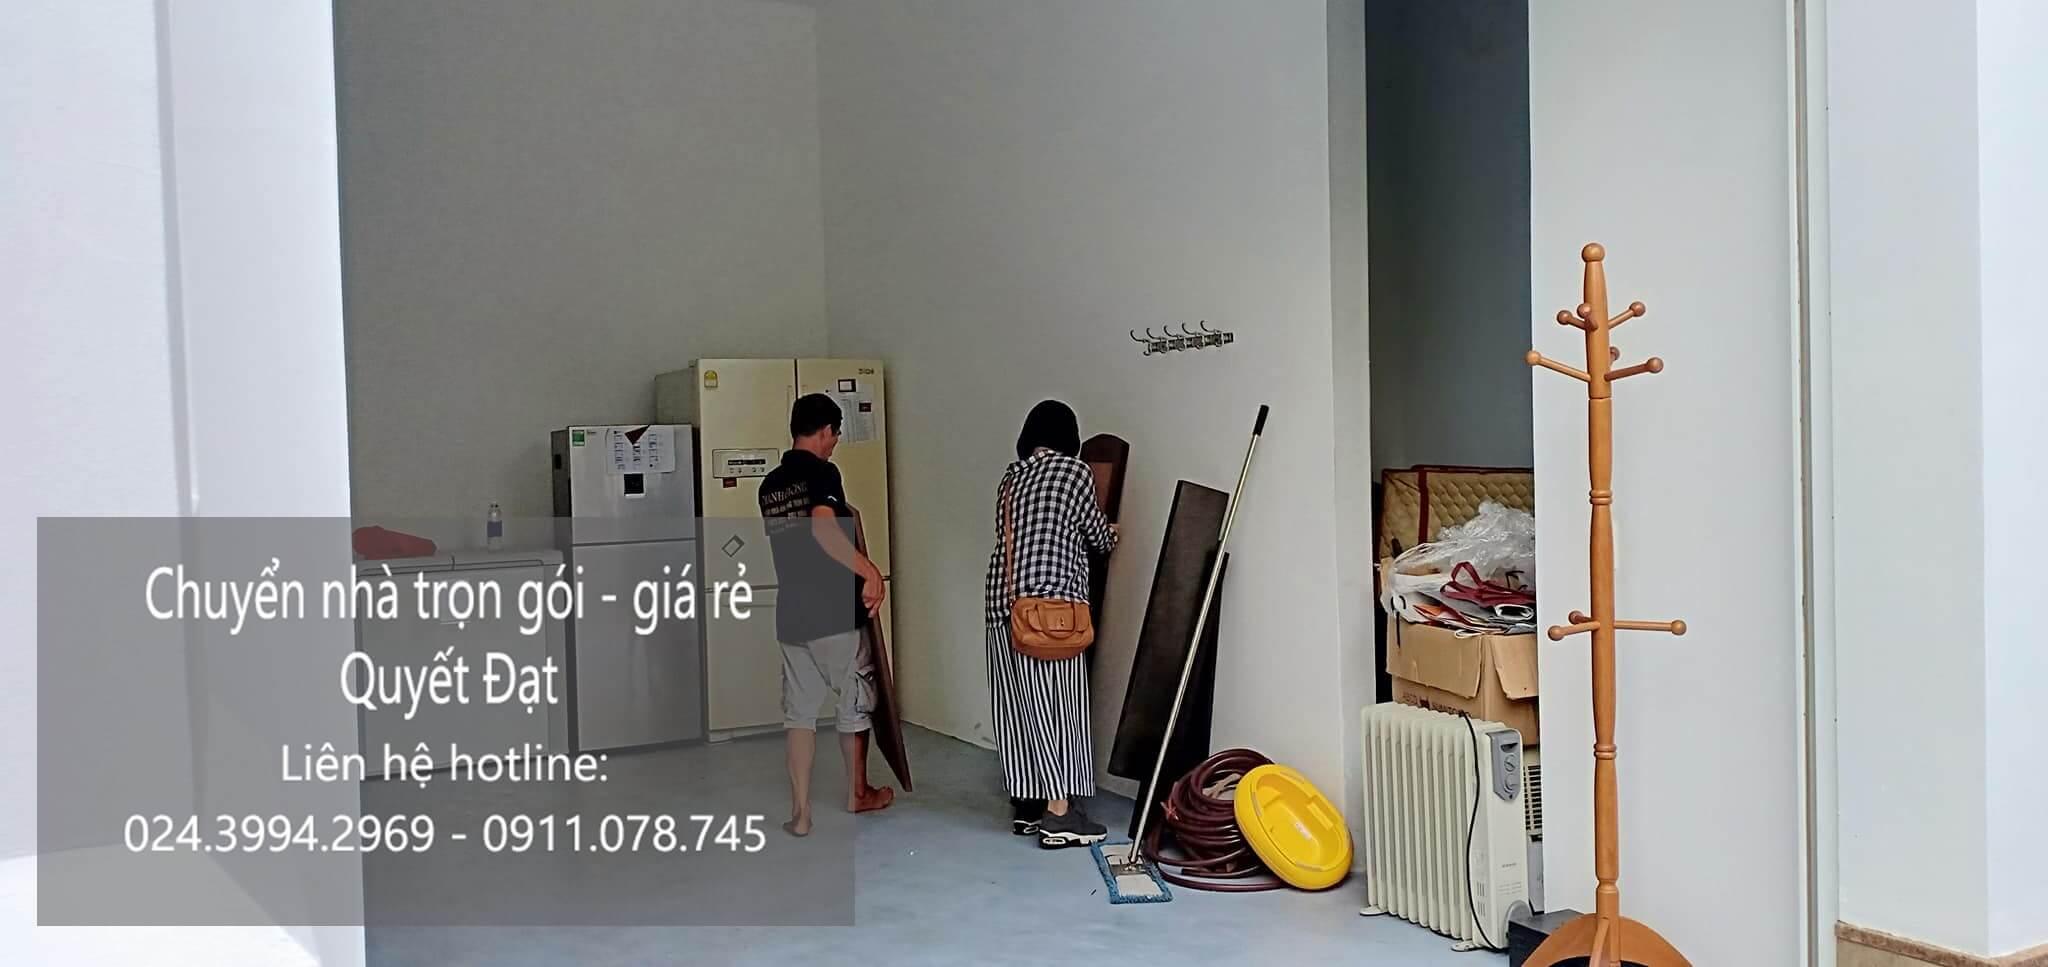 Dịch vụ chuyển nhà trọn gói 365 tại đường huỳnh văn nghệ